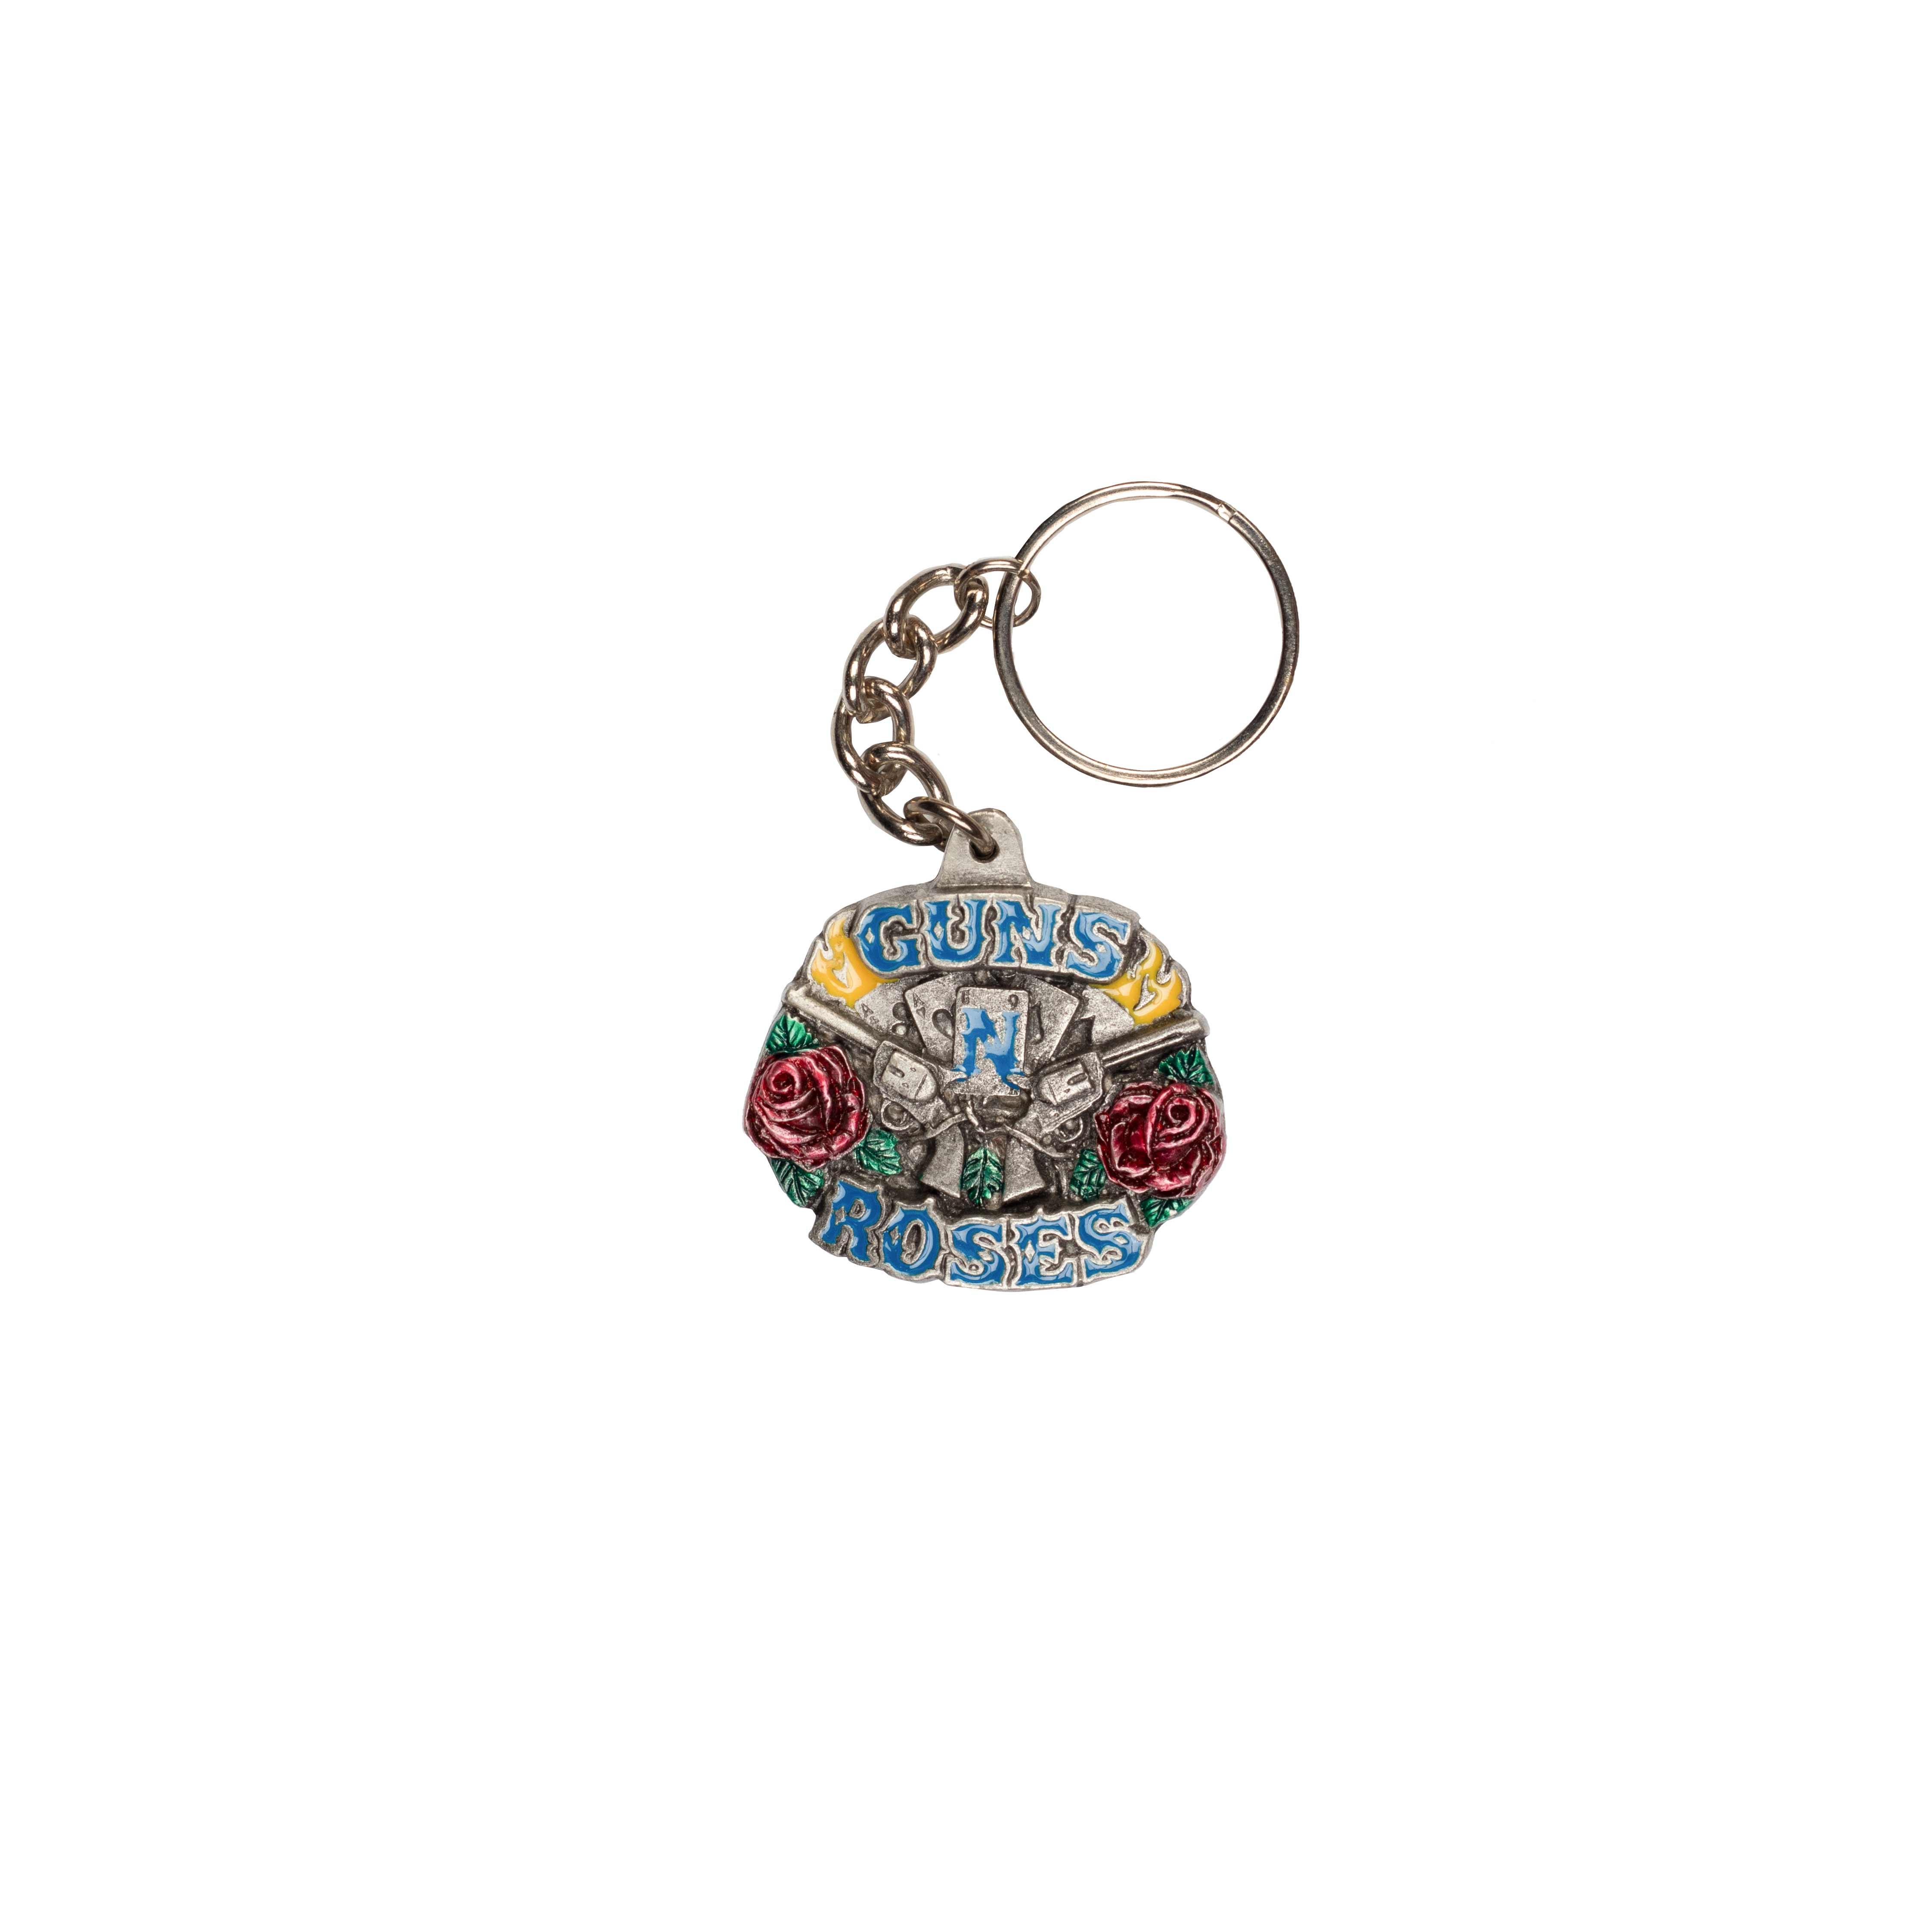 Guns N' Roses Key Ring